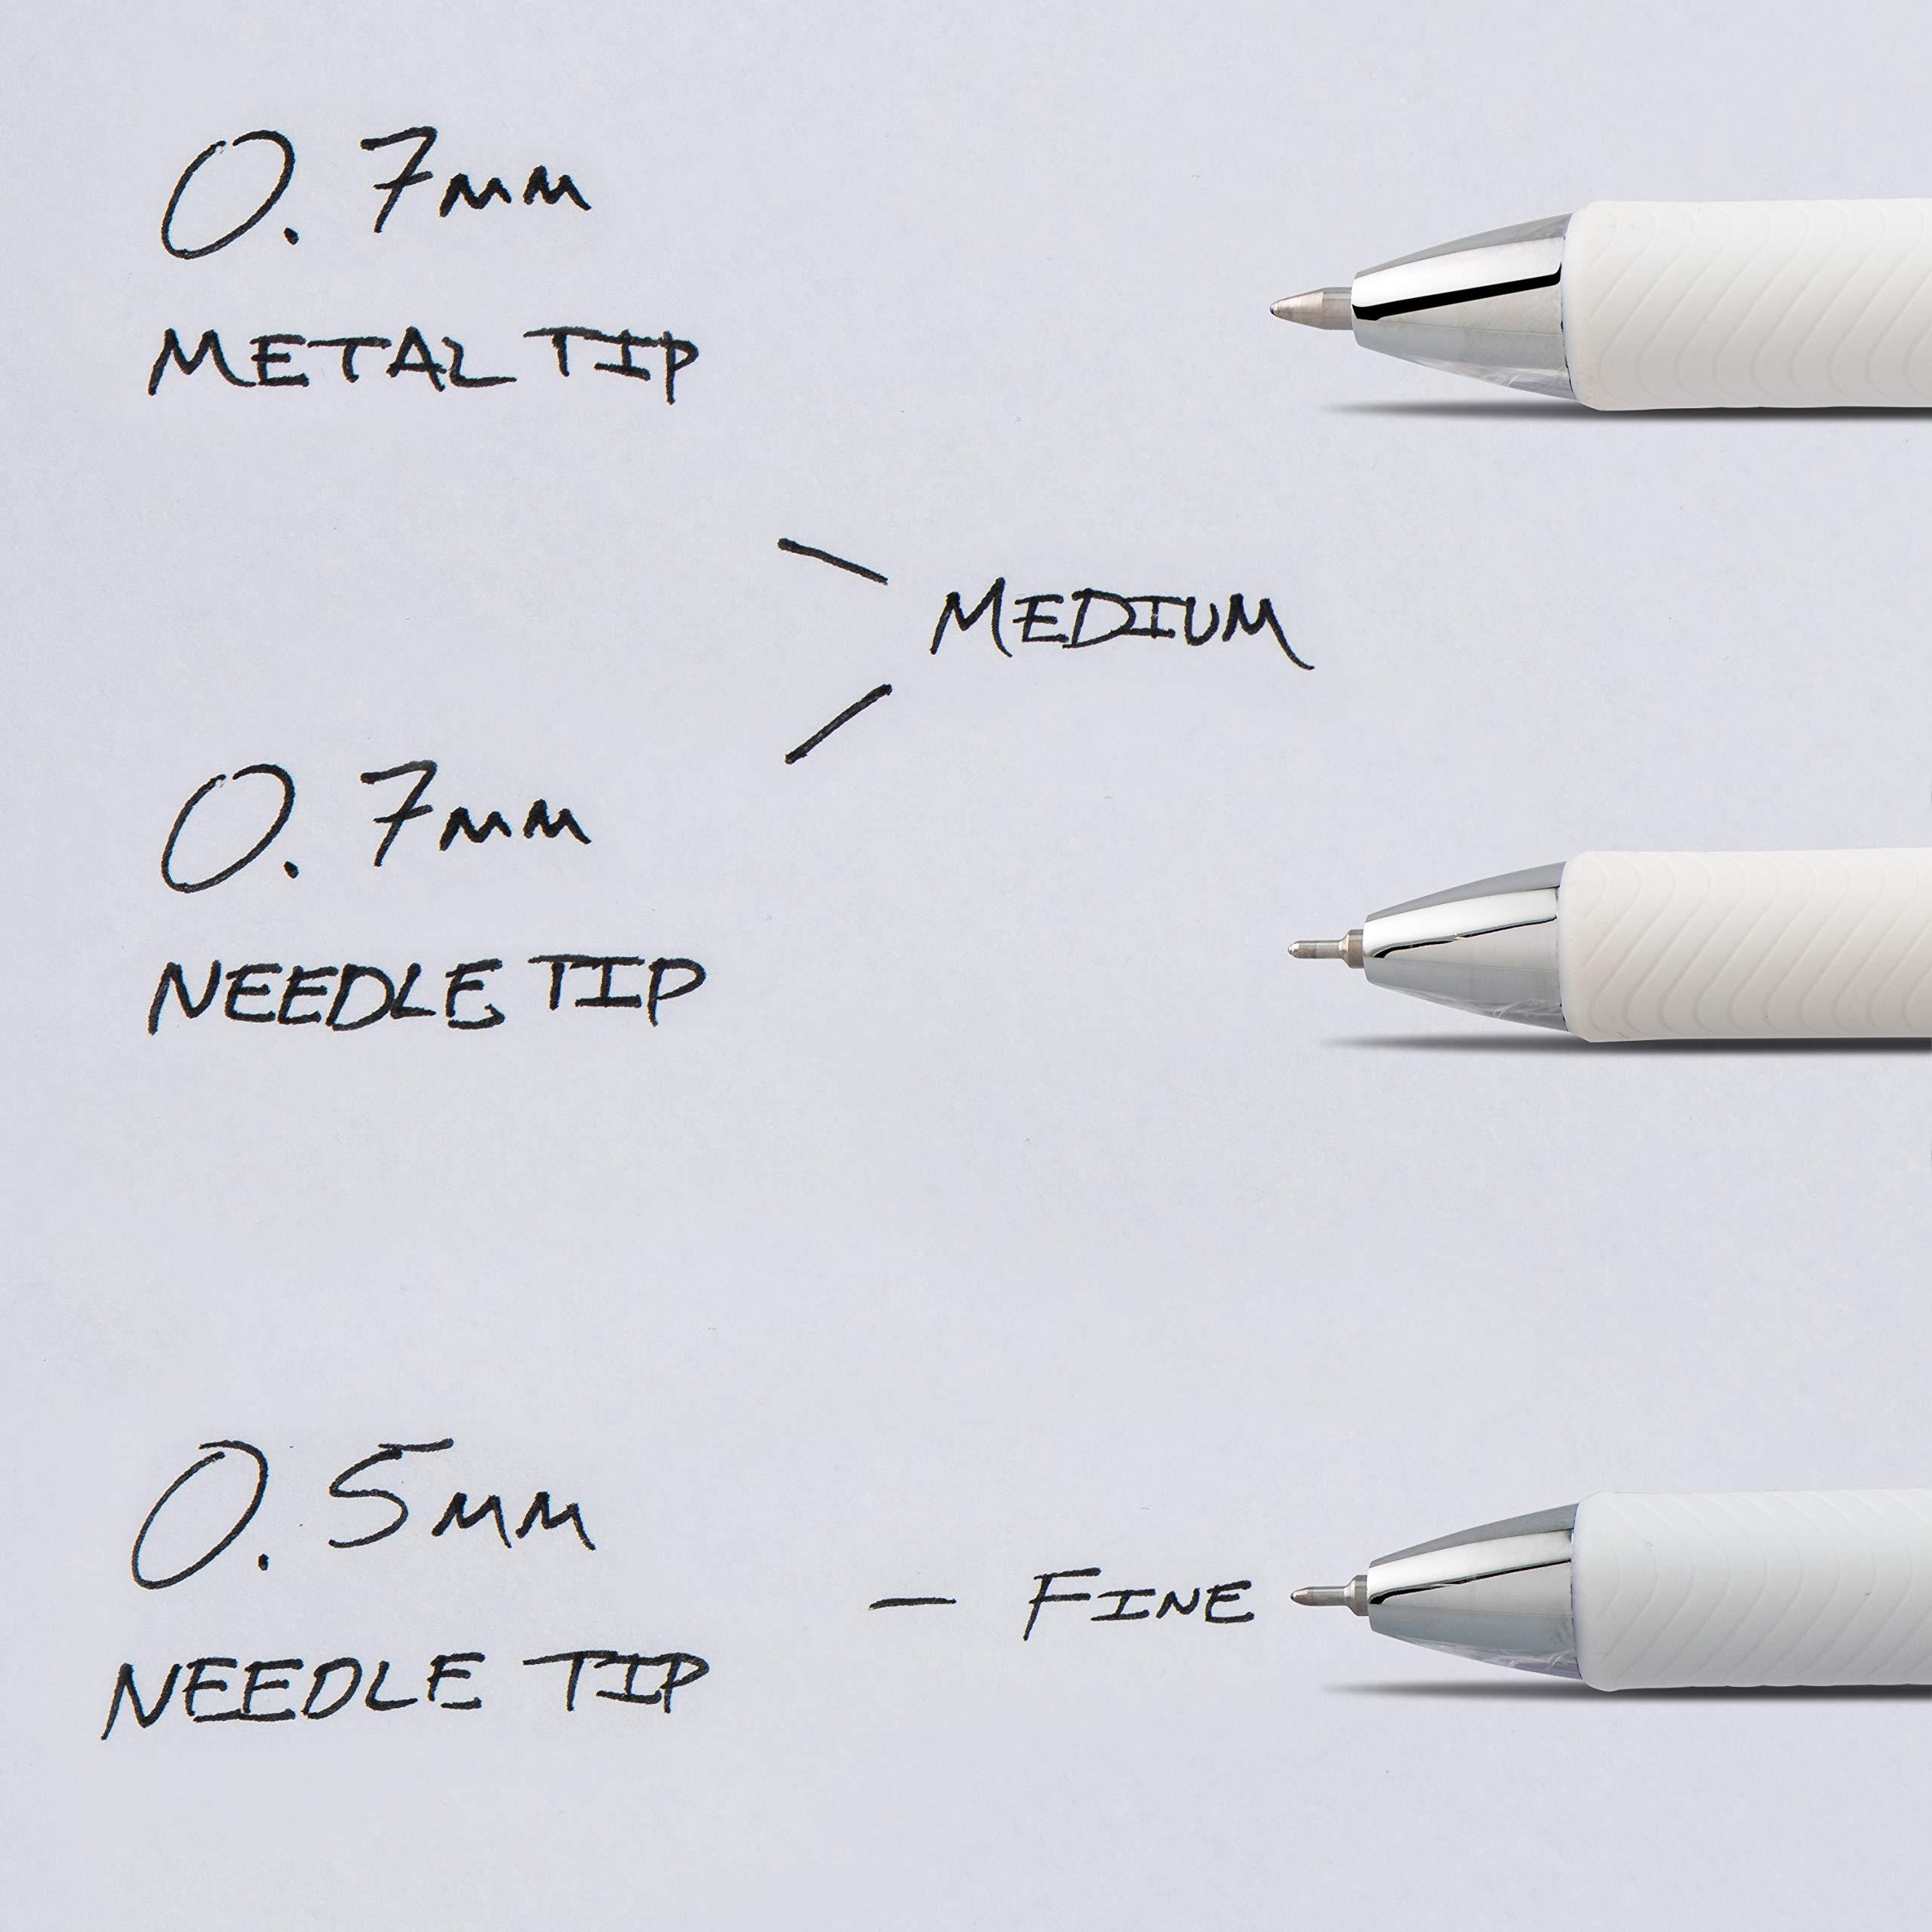 Pentel EnerGel Pearl Deluxe RTX Liquid Gel Pen, 0.5mm, Fine Line, Needle Tip, Black Ink, Box of 12 (BLN75PW-A) by Pentel (Image #8)